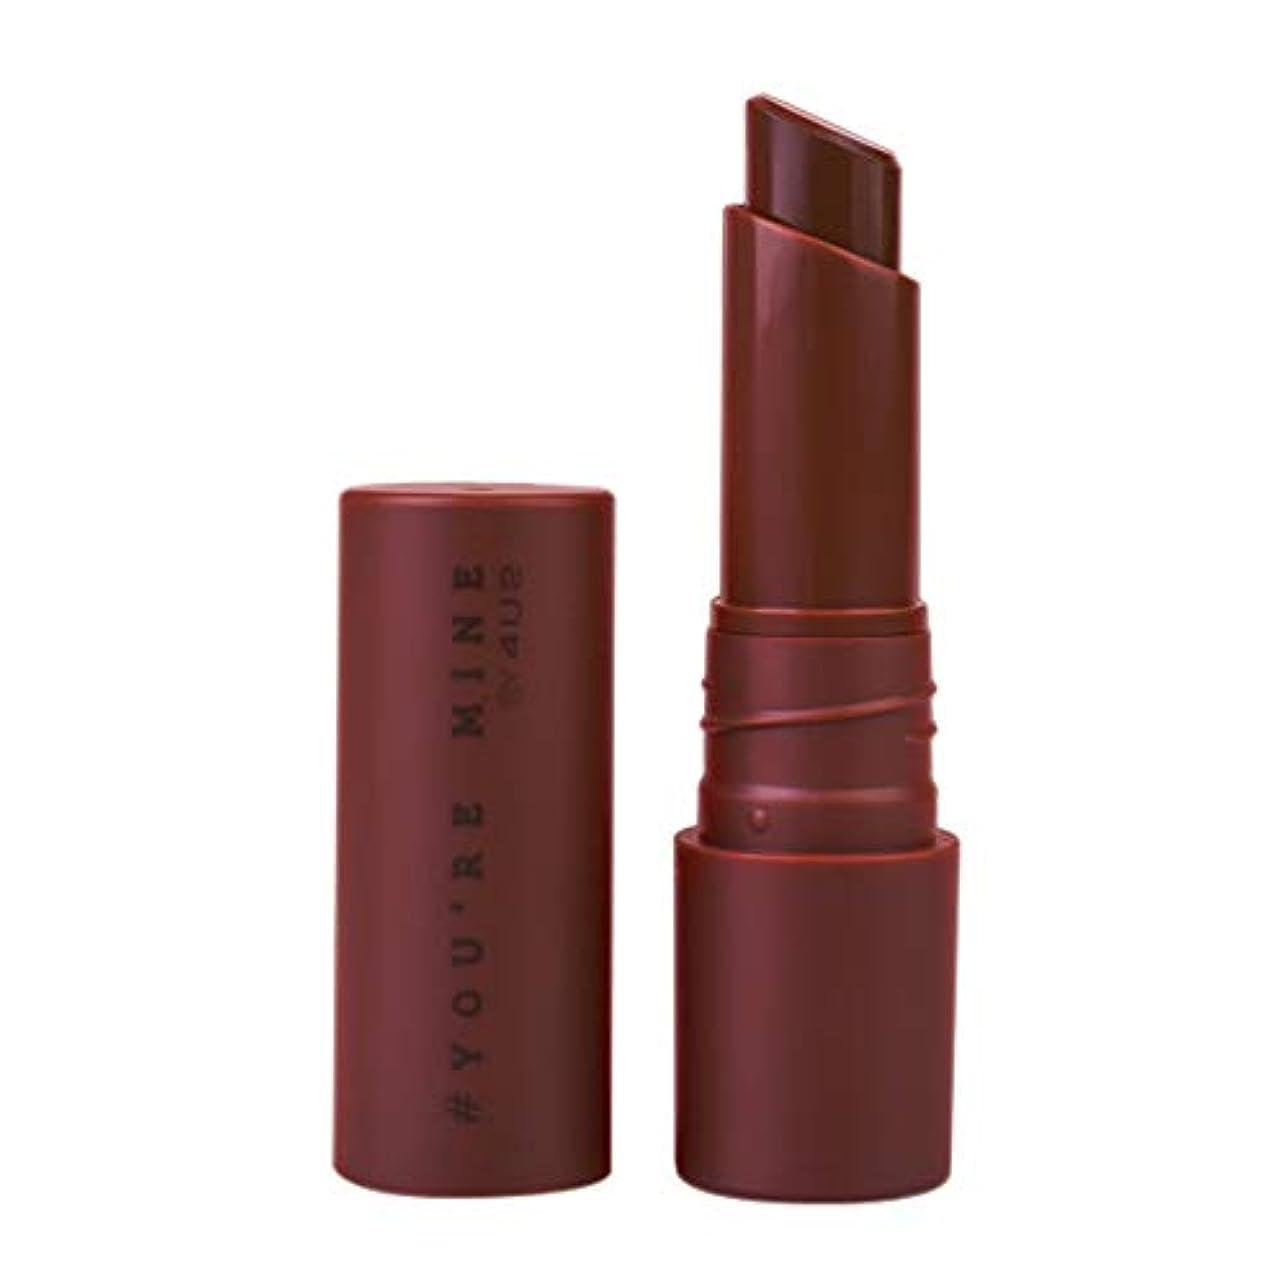 絡み合い解放する偏見4U2 ユーア マイン リップ (You're Mine Lip Stick) (15)